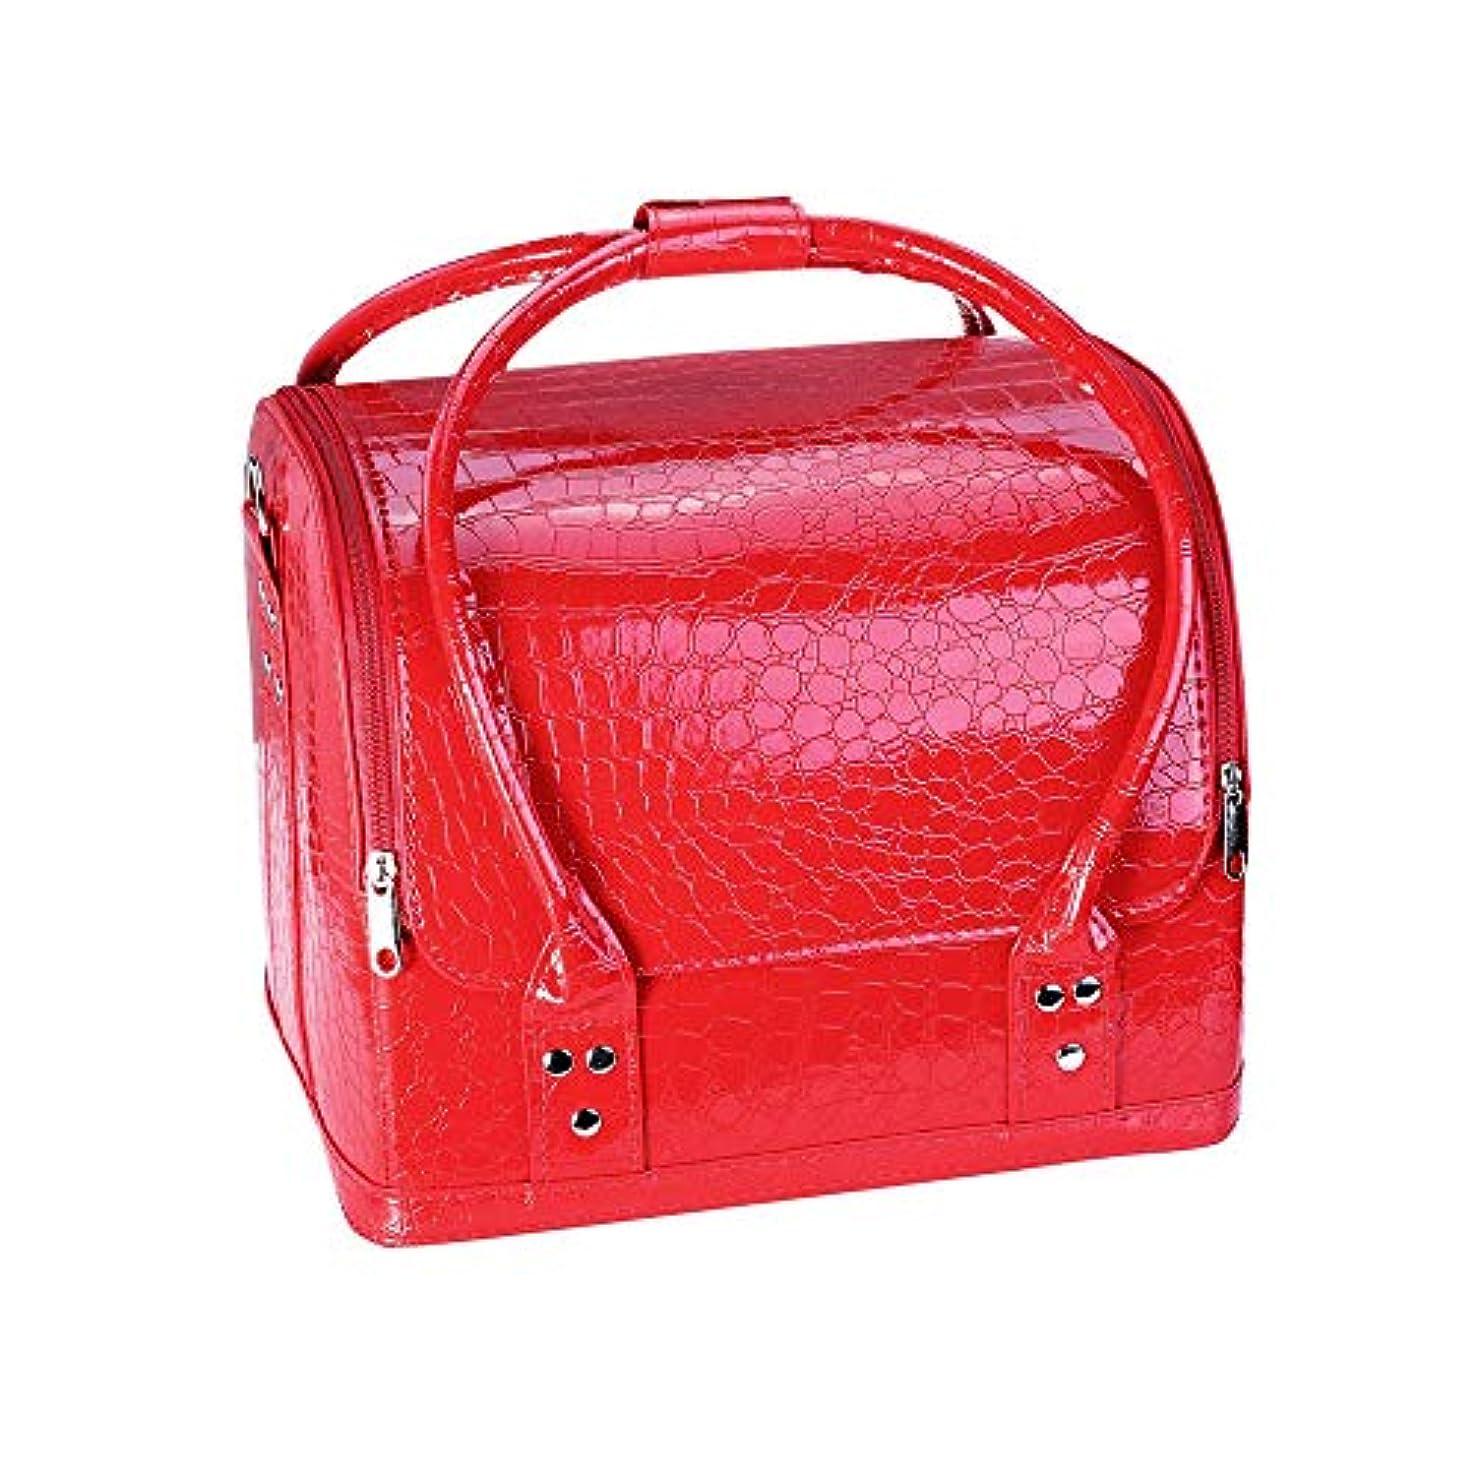 香り先生不変化粧オーガナイザーバッグ プロフェッショナルビューティーメイクアップケースネイル化粧箱ビニールケースオーガナイザークロコダイルパターン 化粧品ケース (色 : 赤)